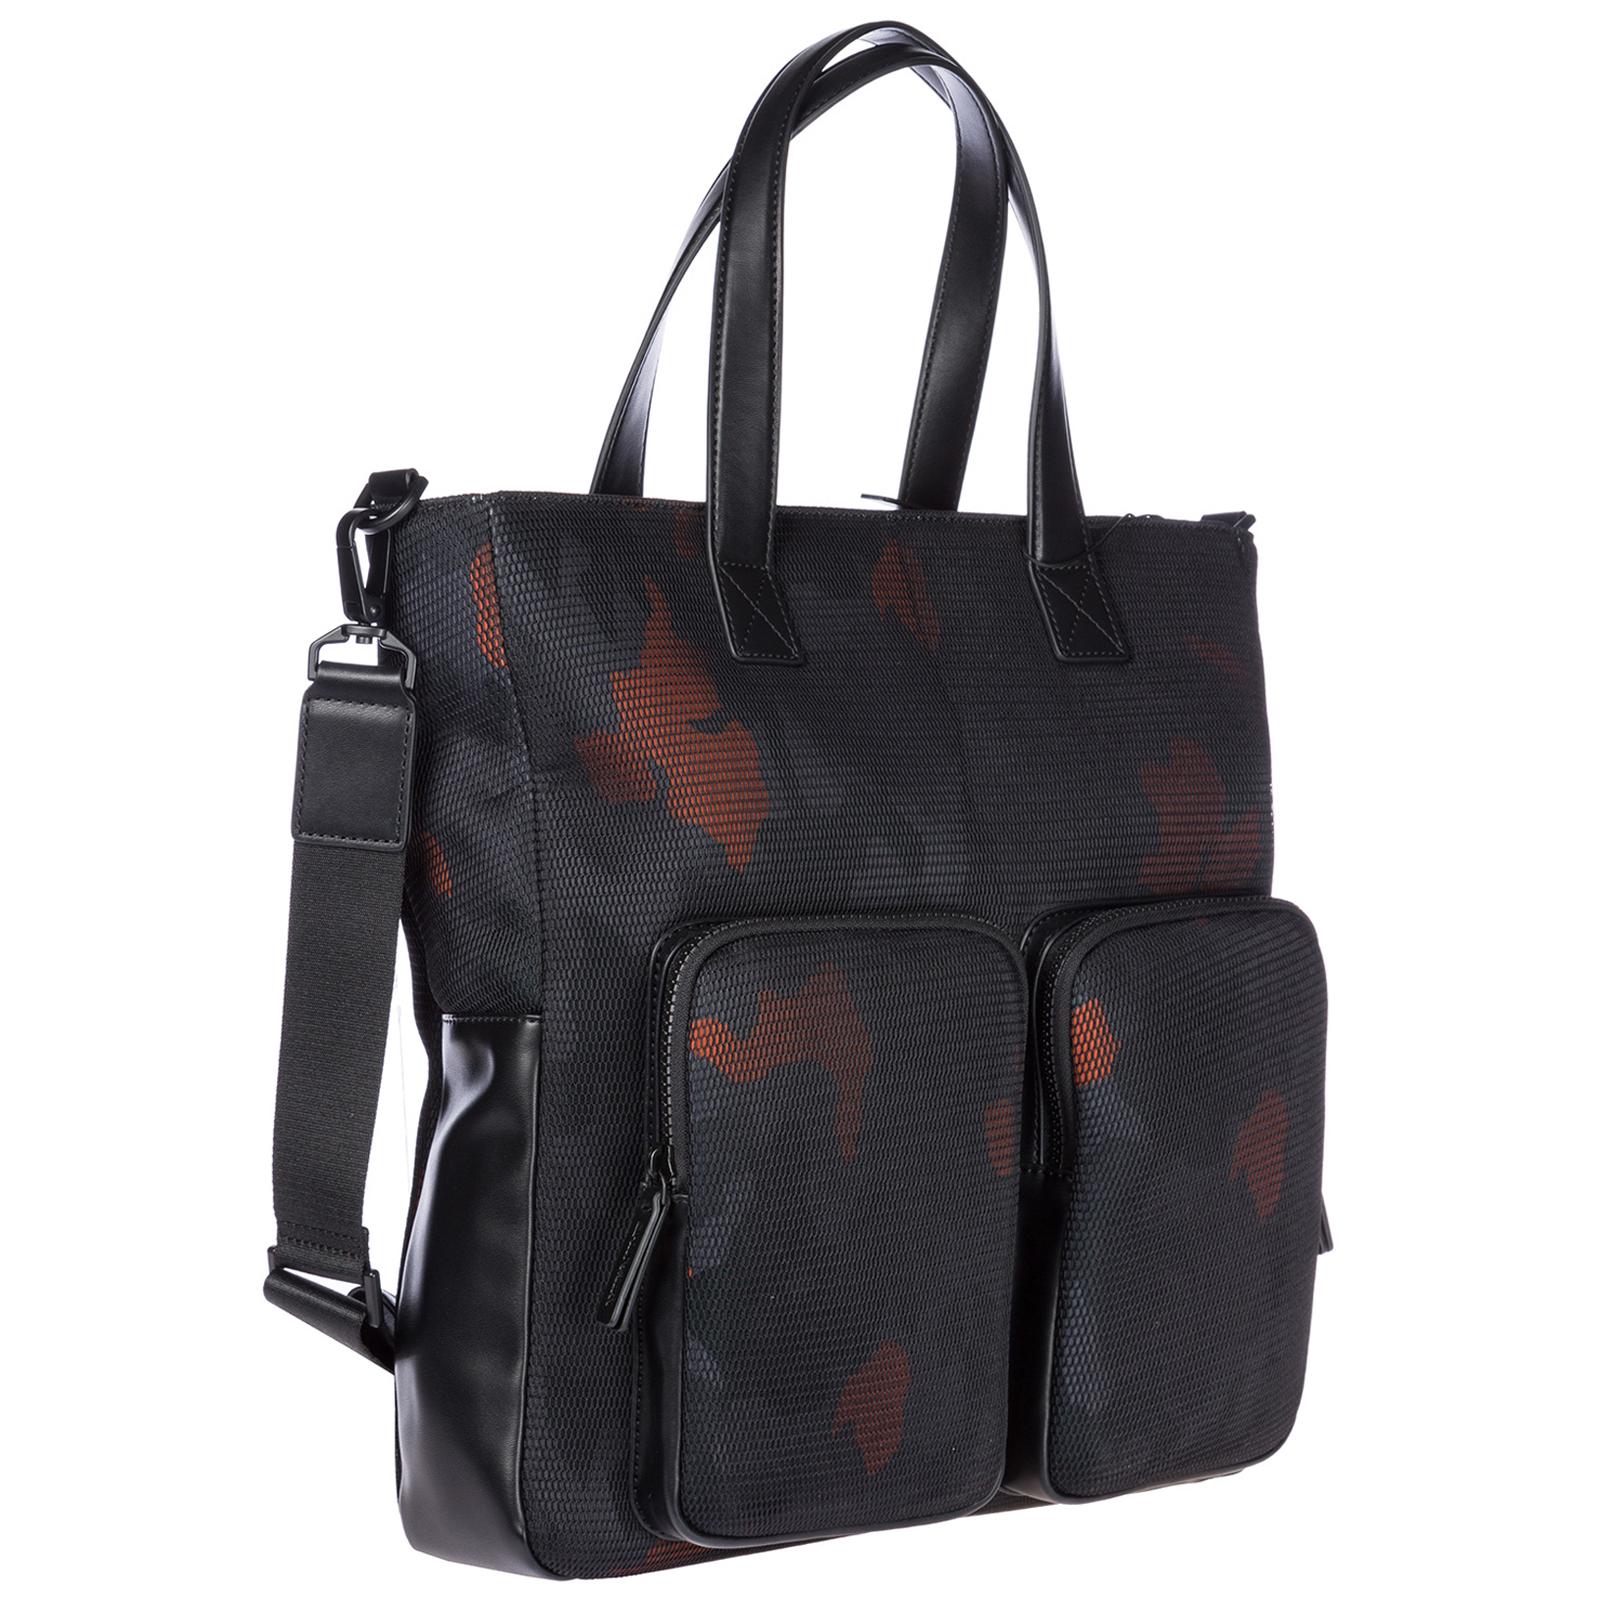 8054ba96a3fe Shopping bag Emporio Armani Y4N098YLZ2V82717 black